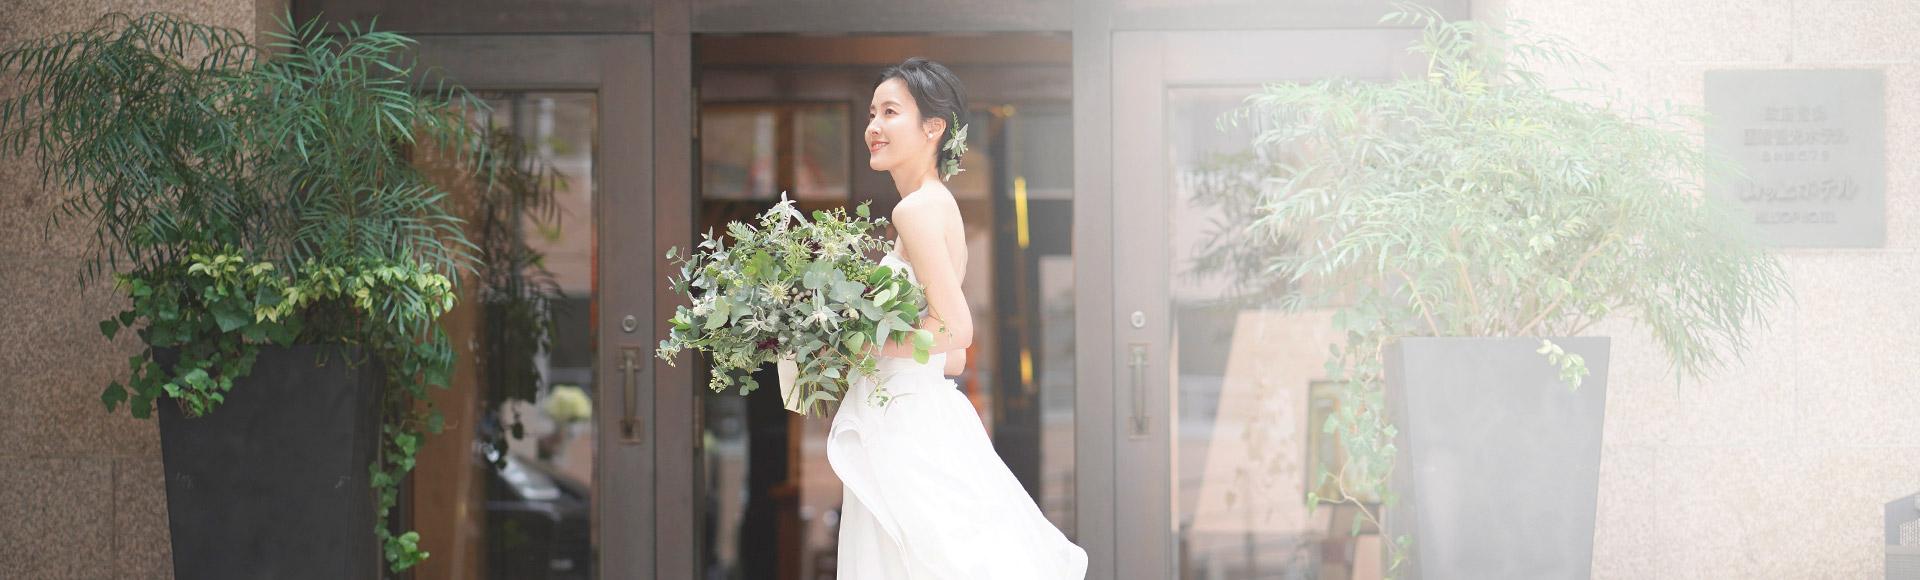 イメージ:婚礼の歴史